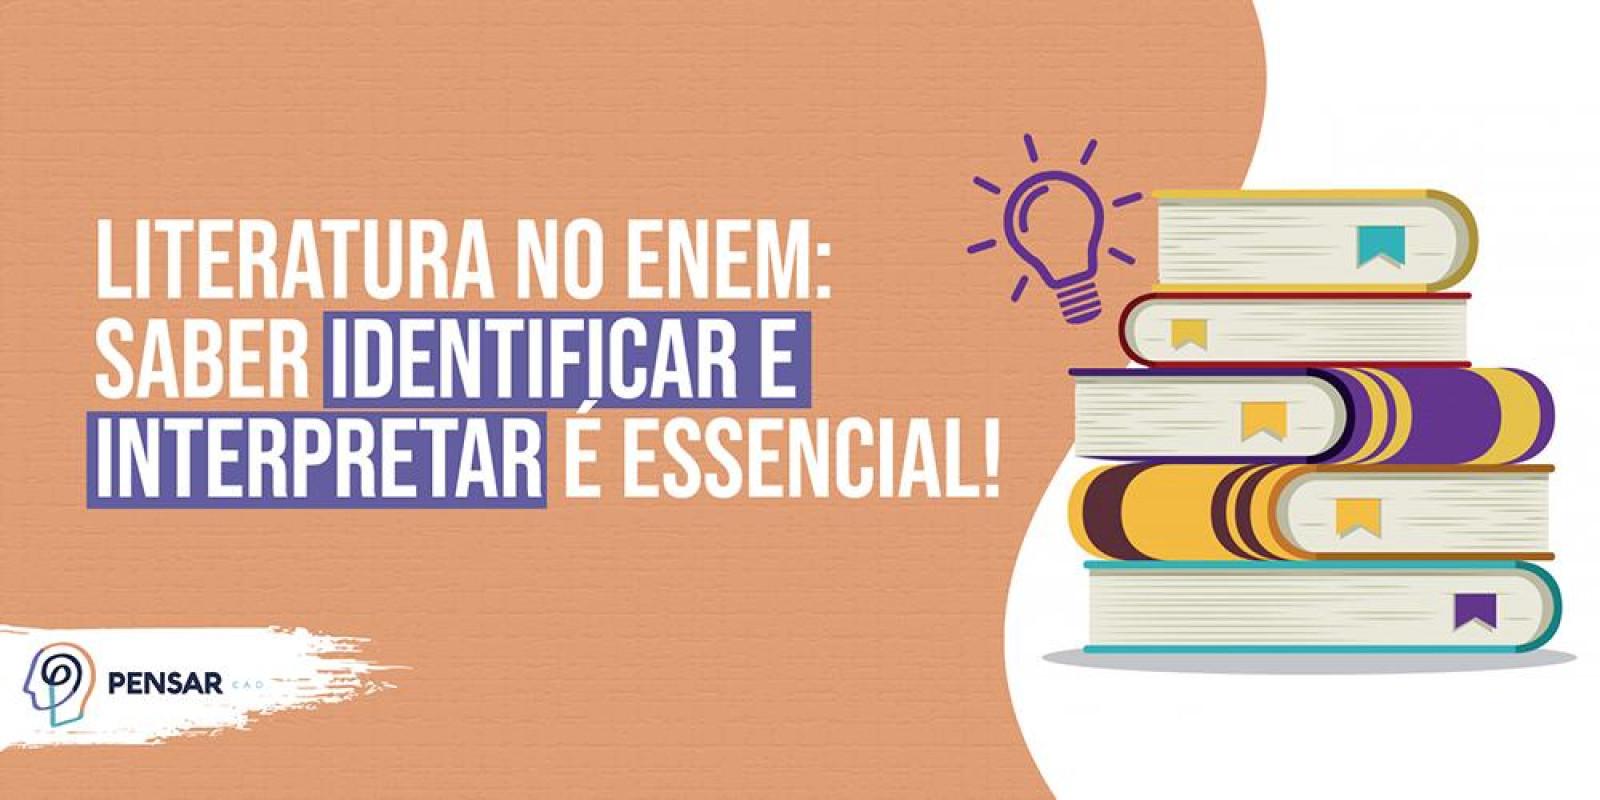 Literatura no ENEM: saber identificar e interpretar é essencial!